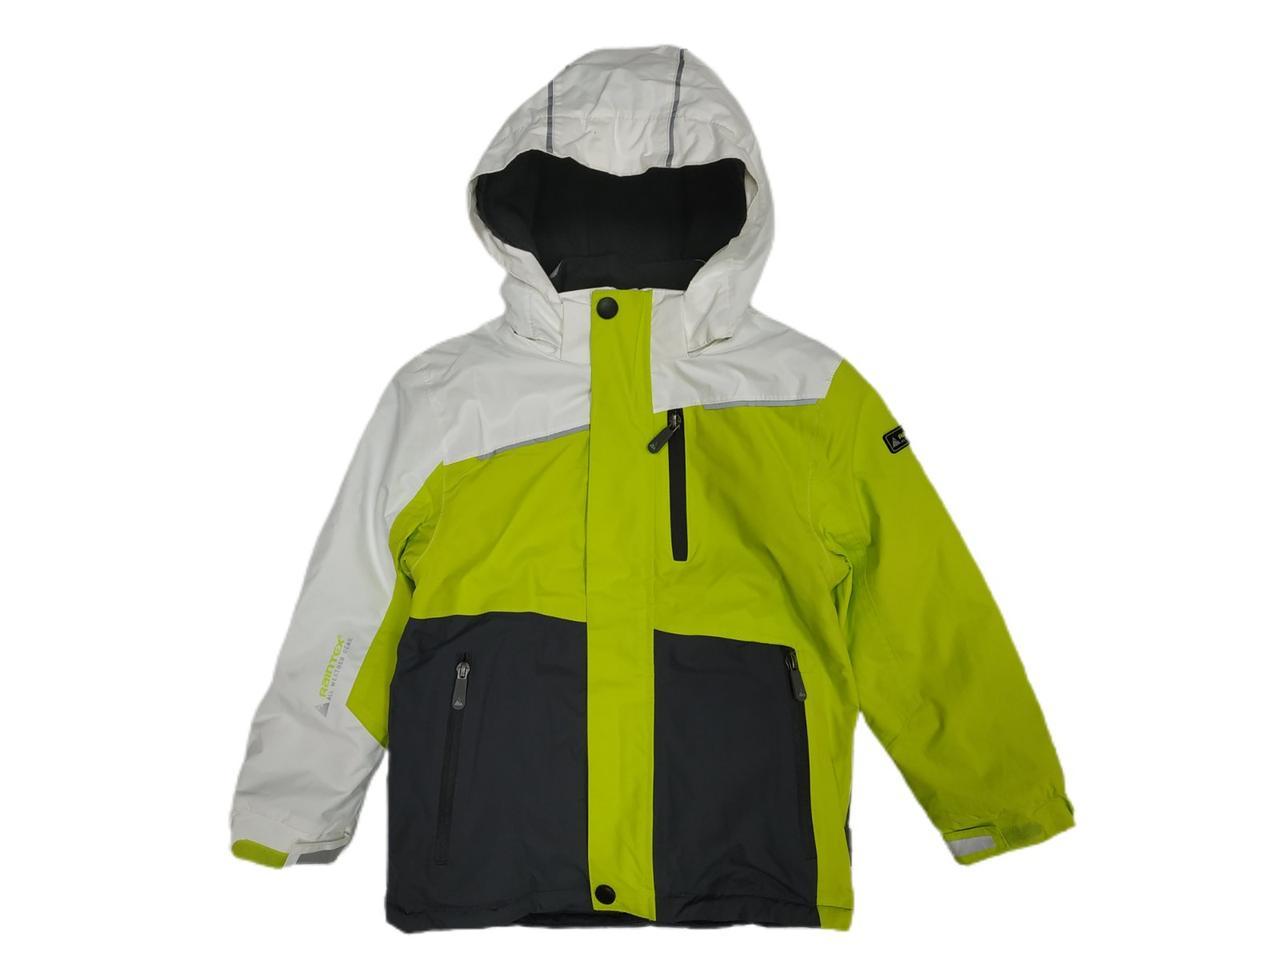 Лижна термокуртка для хлопчика 6-7 років C & A Німеччина Розмір 122